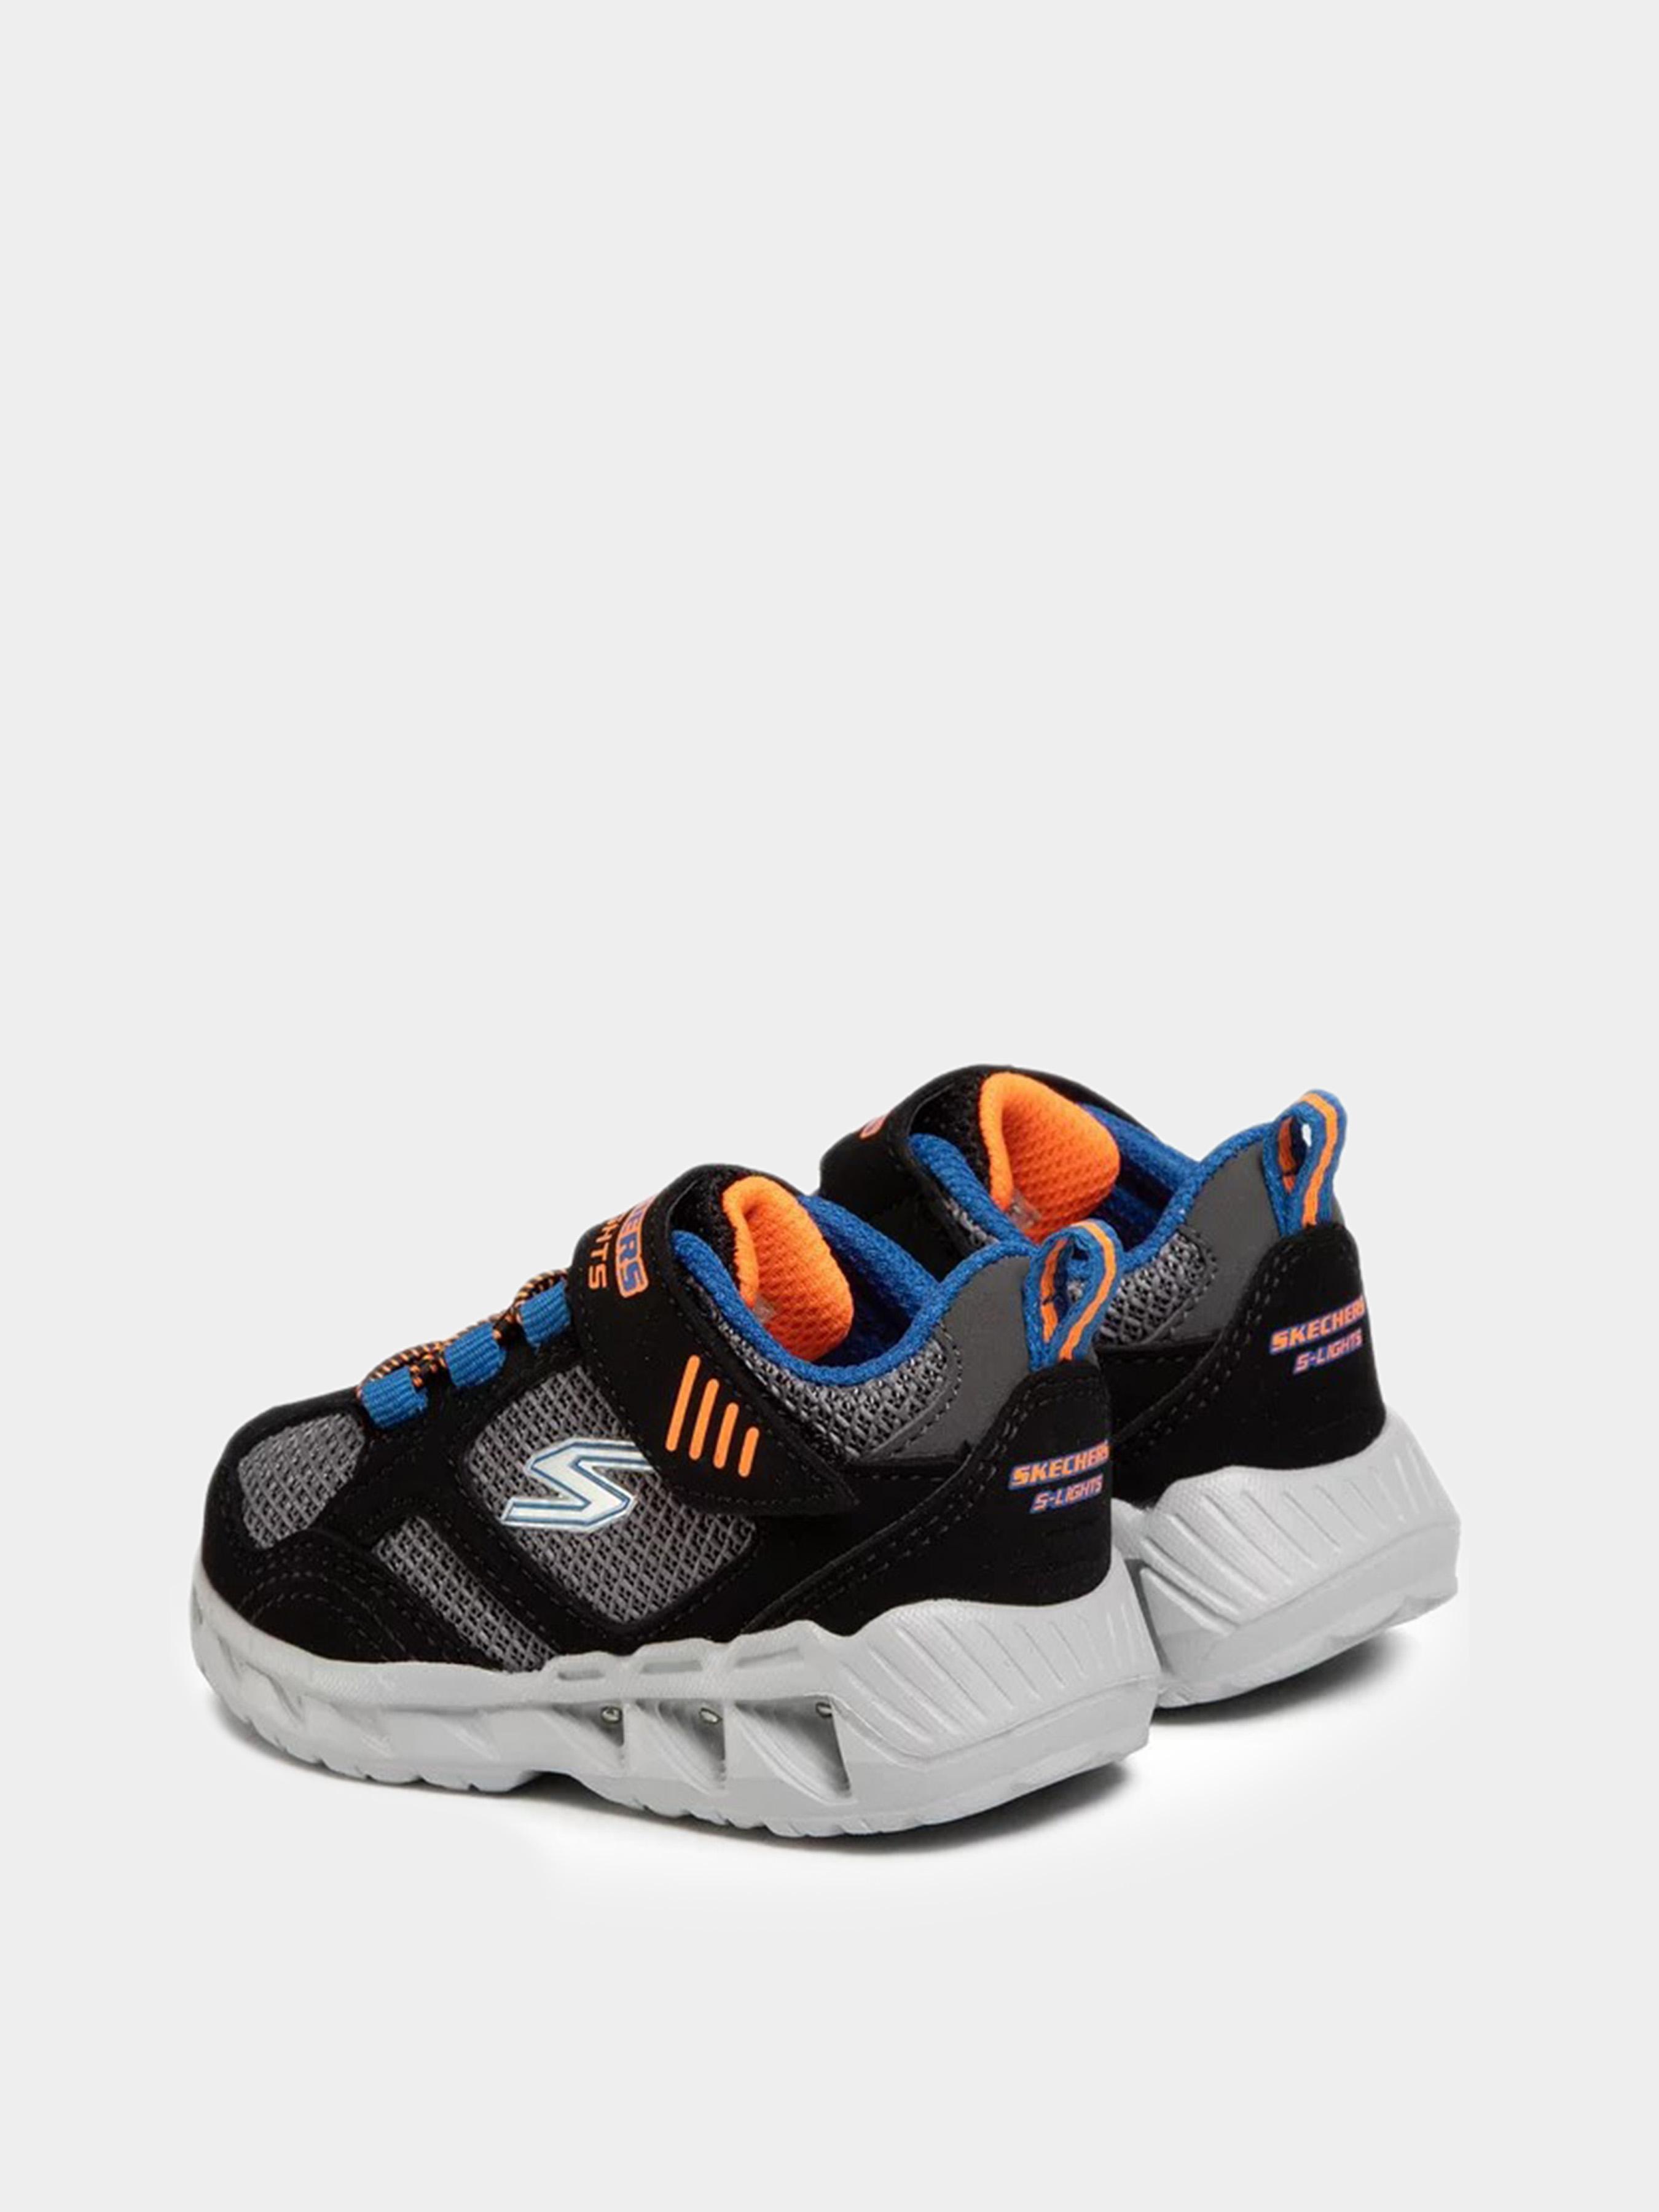 Кроссовки для детей Skechers 90750N BBOR брендовая обувь, 2017